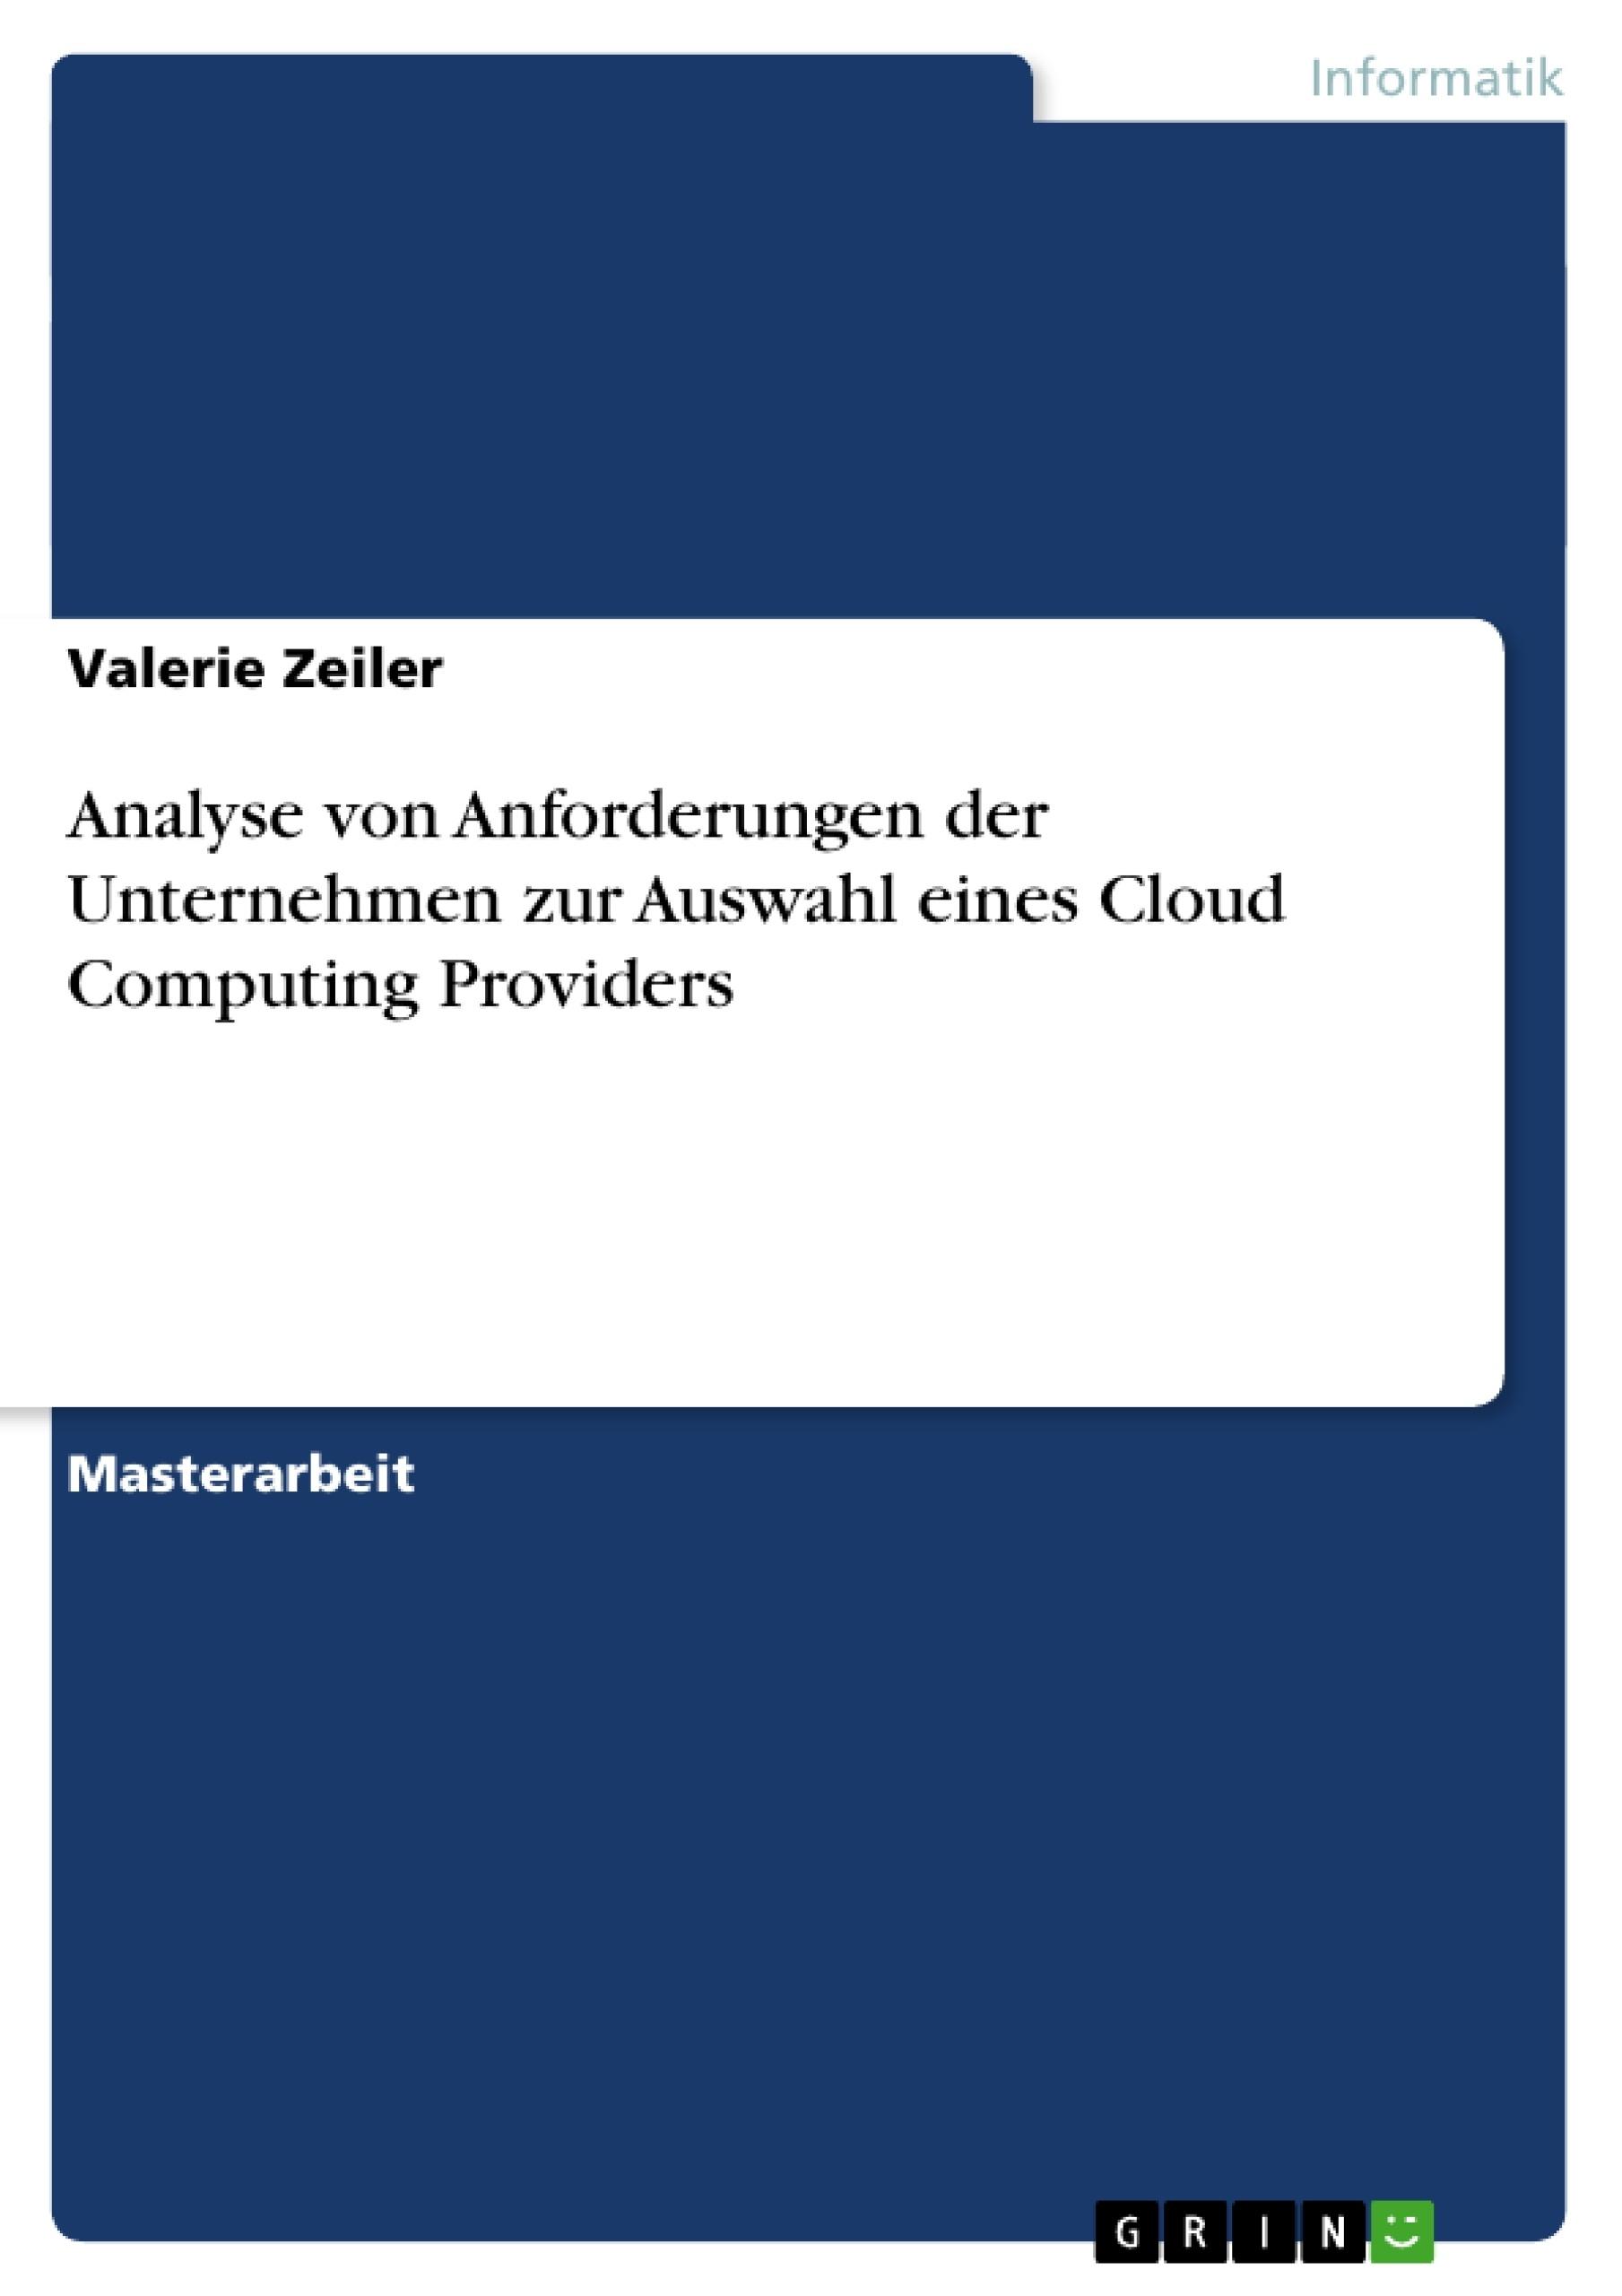 Titel: Analyse von Anforderungen der Unternehmen zur Auswahl eines Cloud Computing Providers